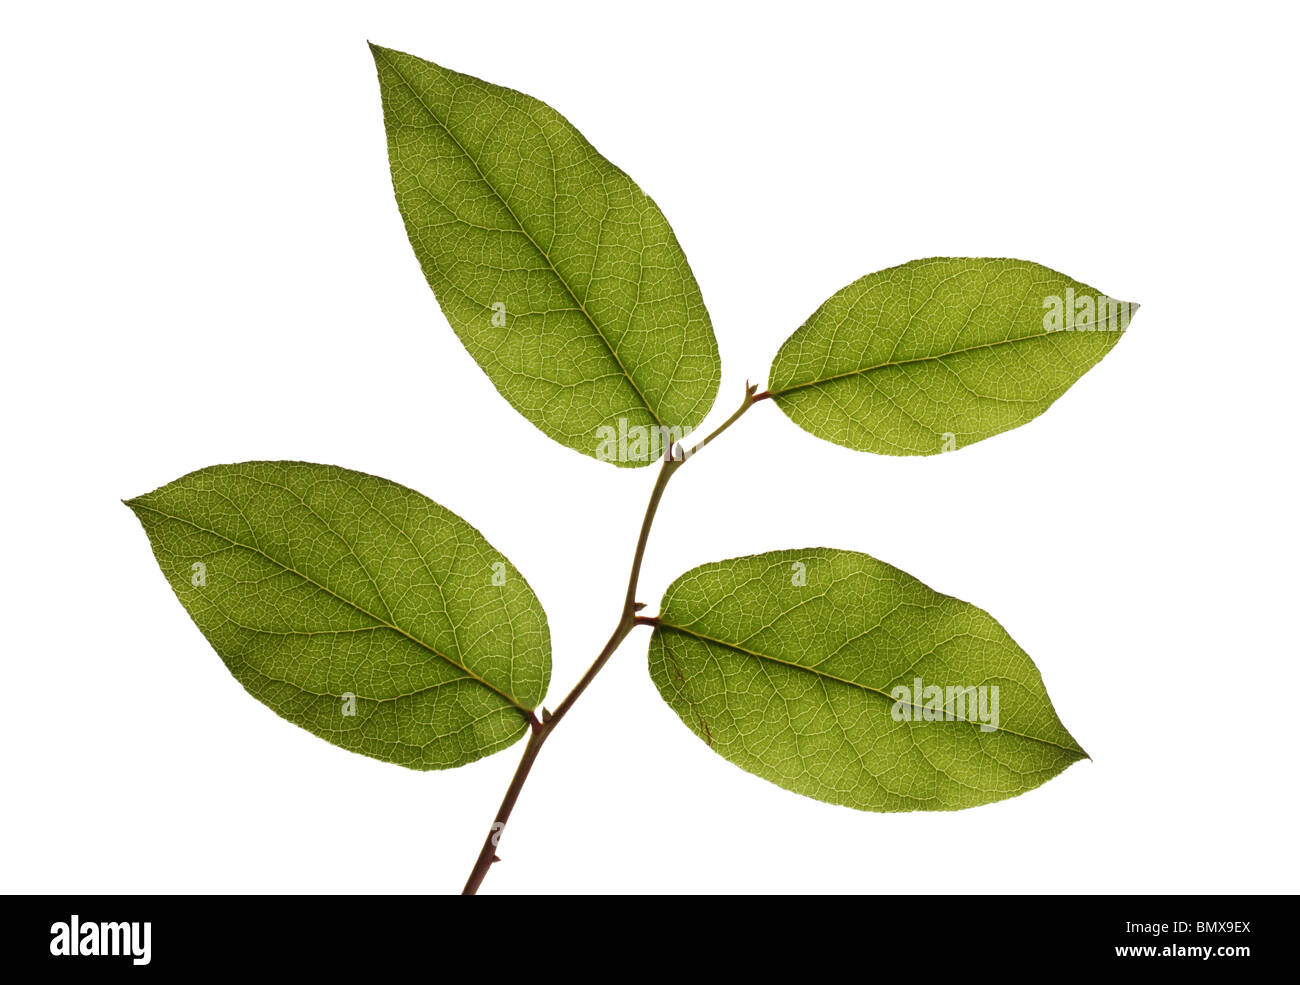 Vier grüne Blätter auf einem Zweig, weißer Hintergrund Stockbild